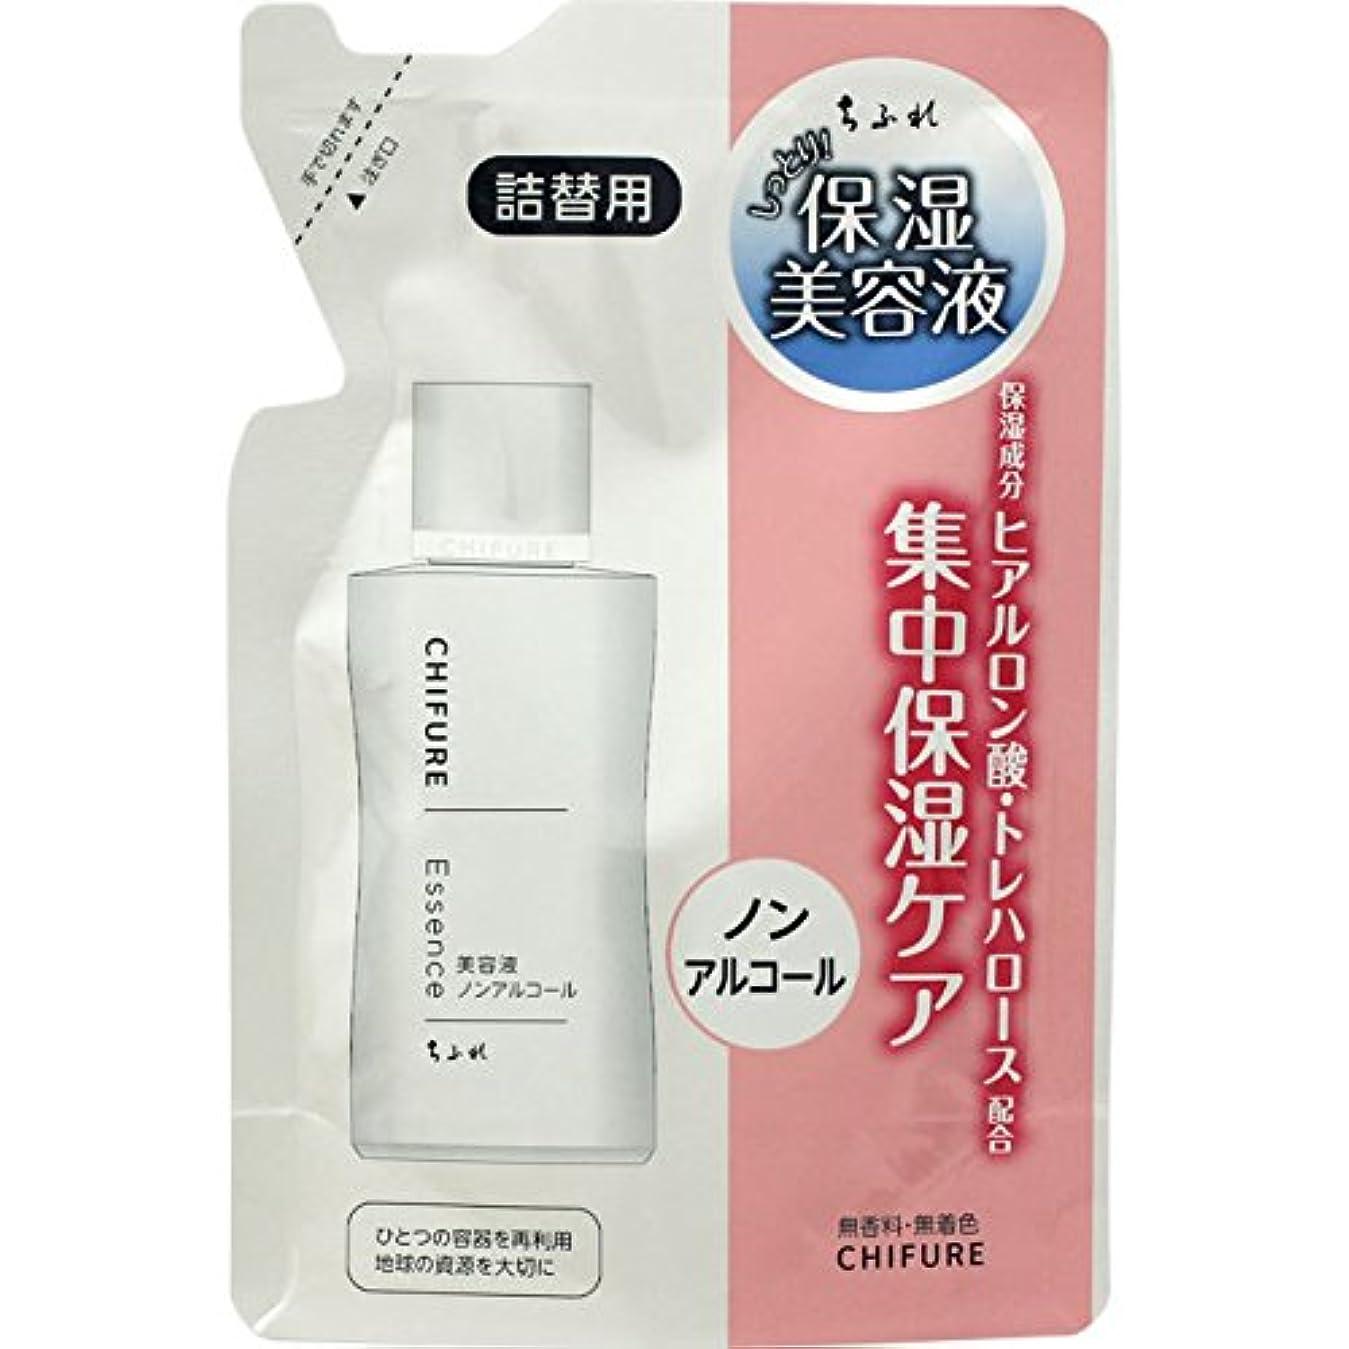 蚊リングモンクちふれ化粧品 ちふれ 美容液 ノンアルコールタイプ 詰替用 45ML